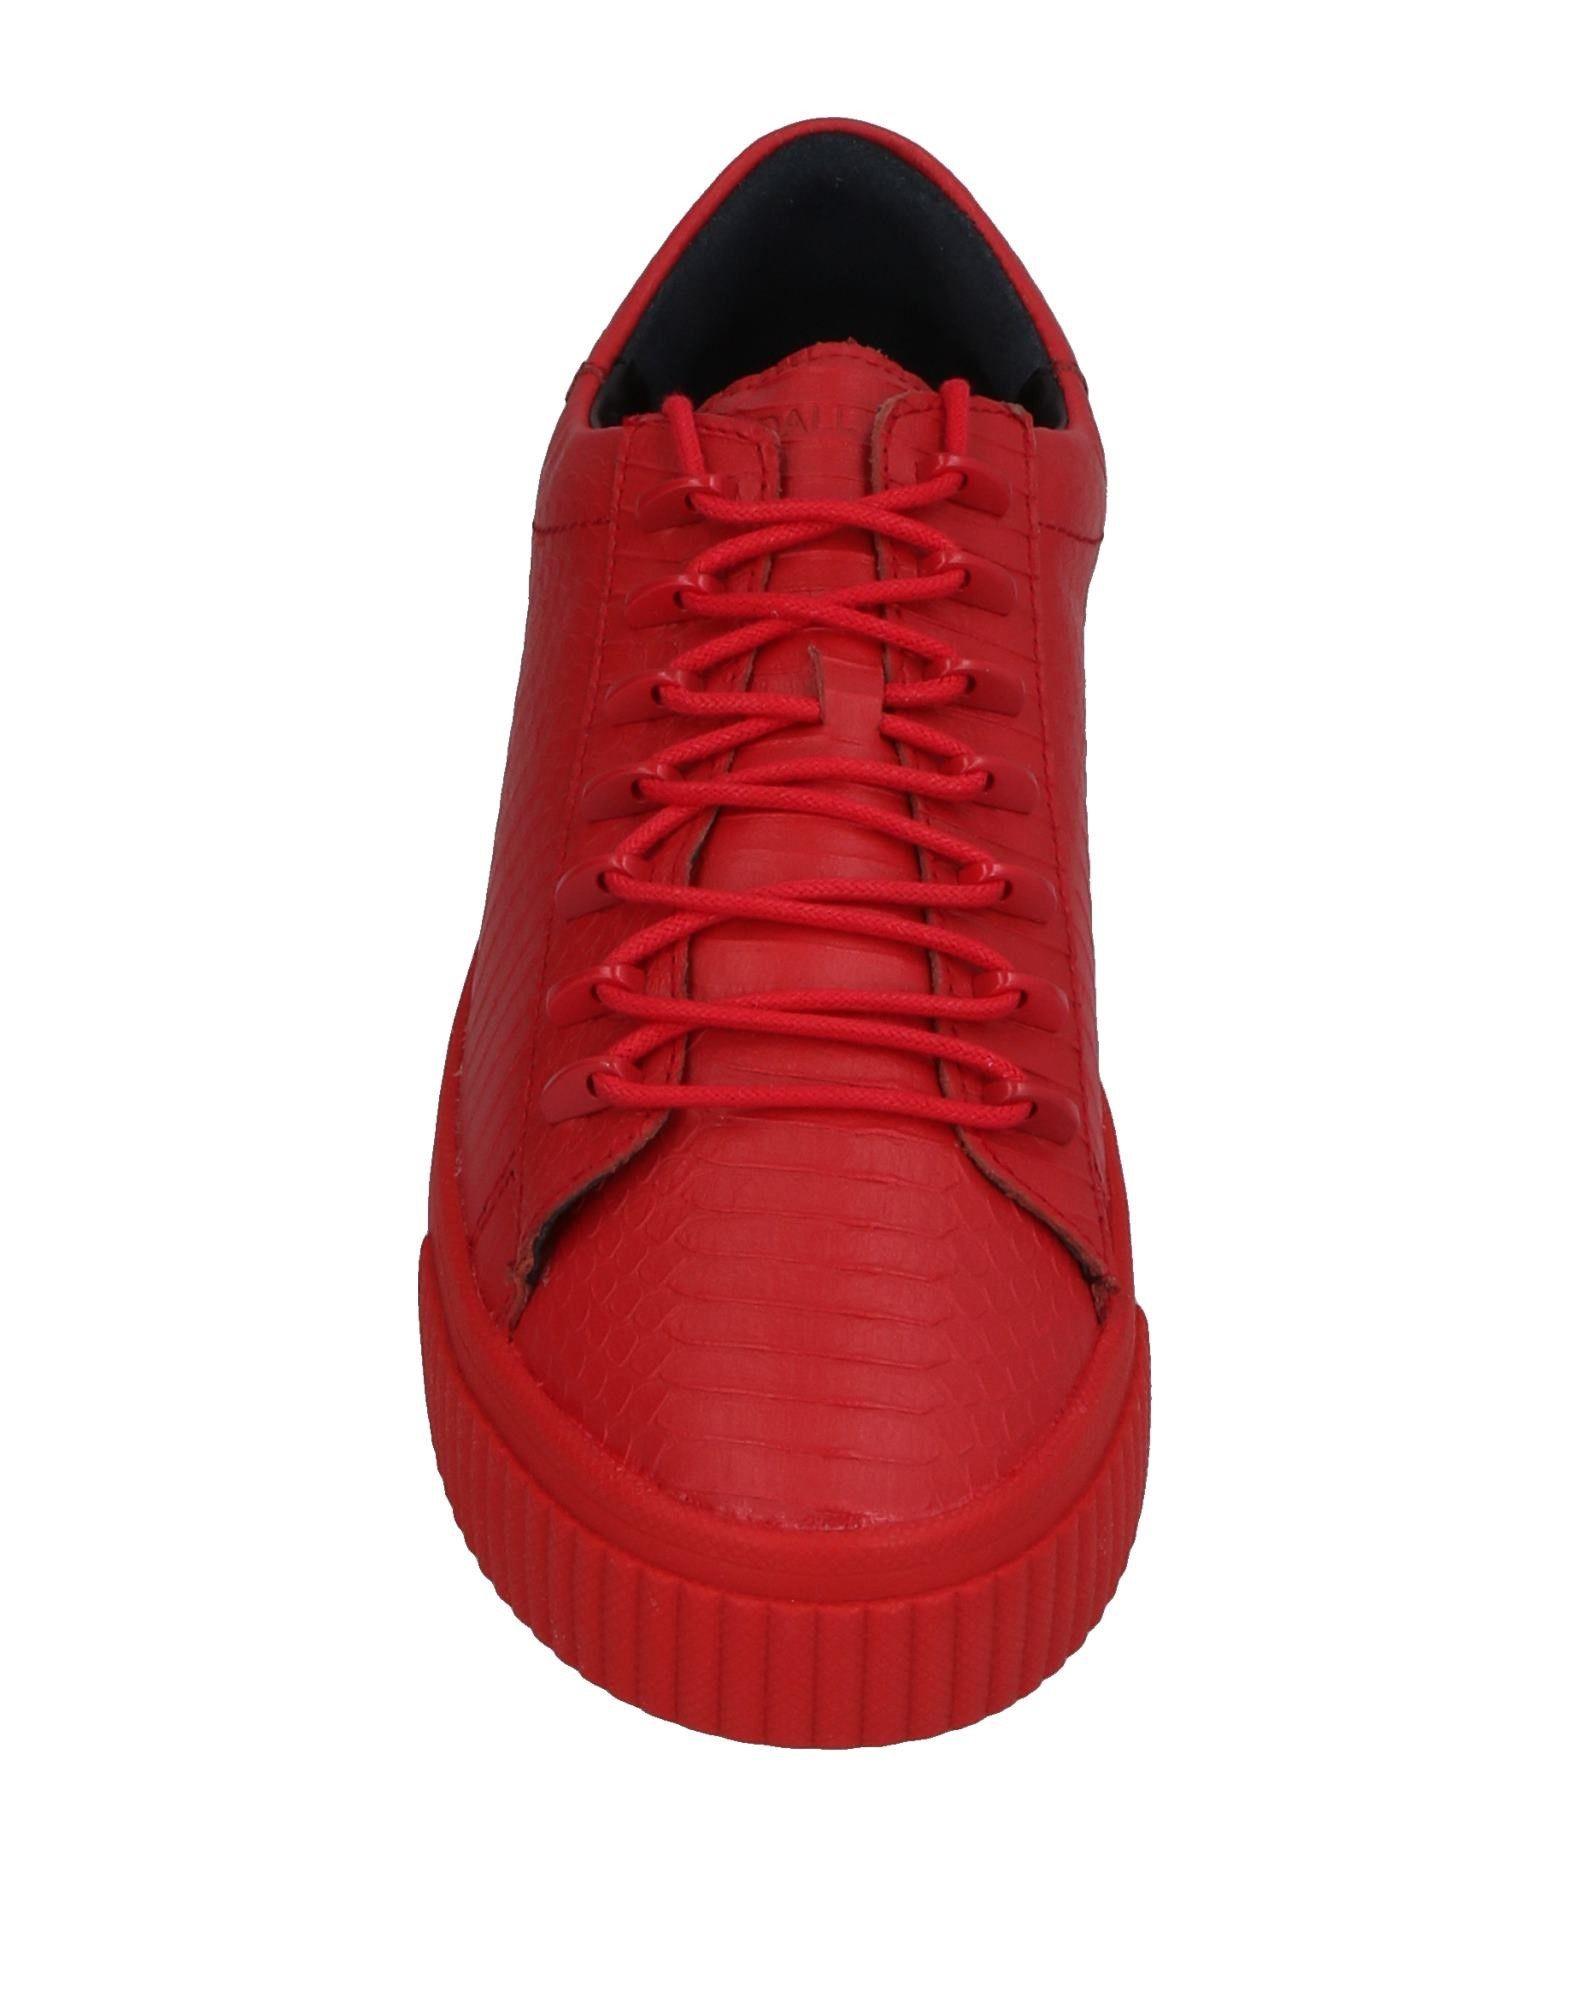 ... Kendall + Kylie Qualität Sneakers Damen 11429549HN Gute Qualität Kylie  beliebte Schuhe dfd9ac ... 6fdf3c1d7d